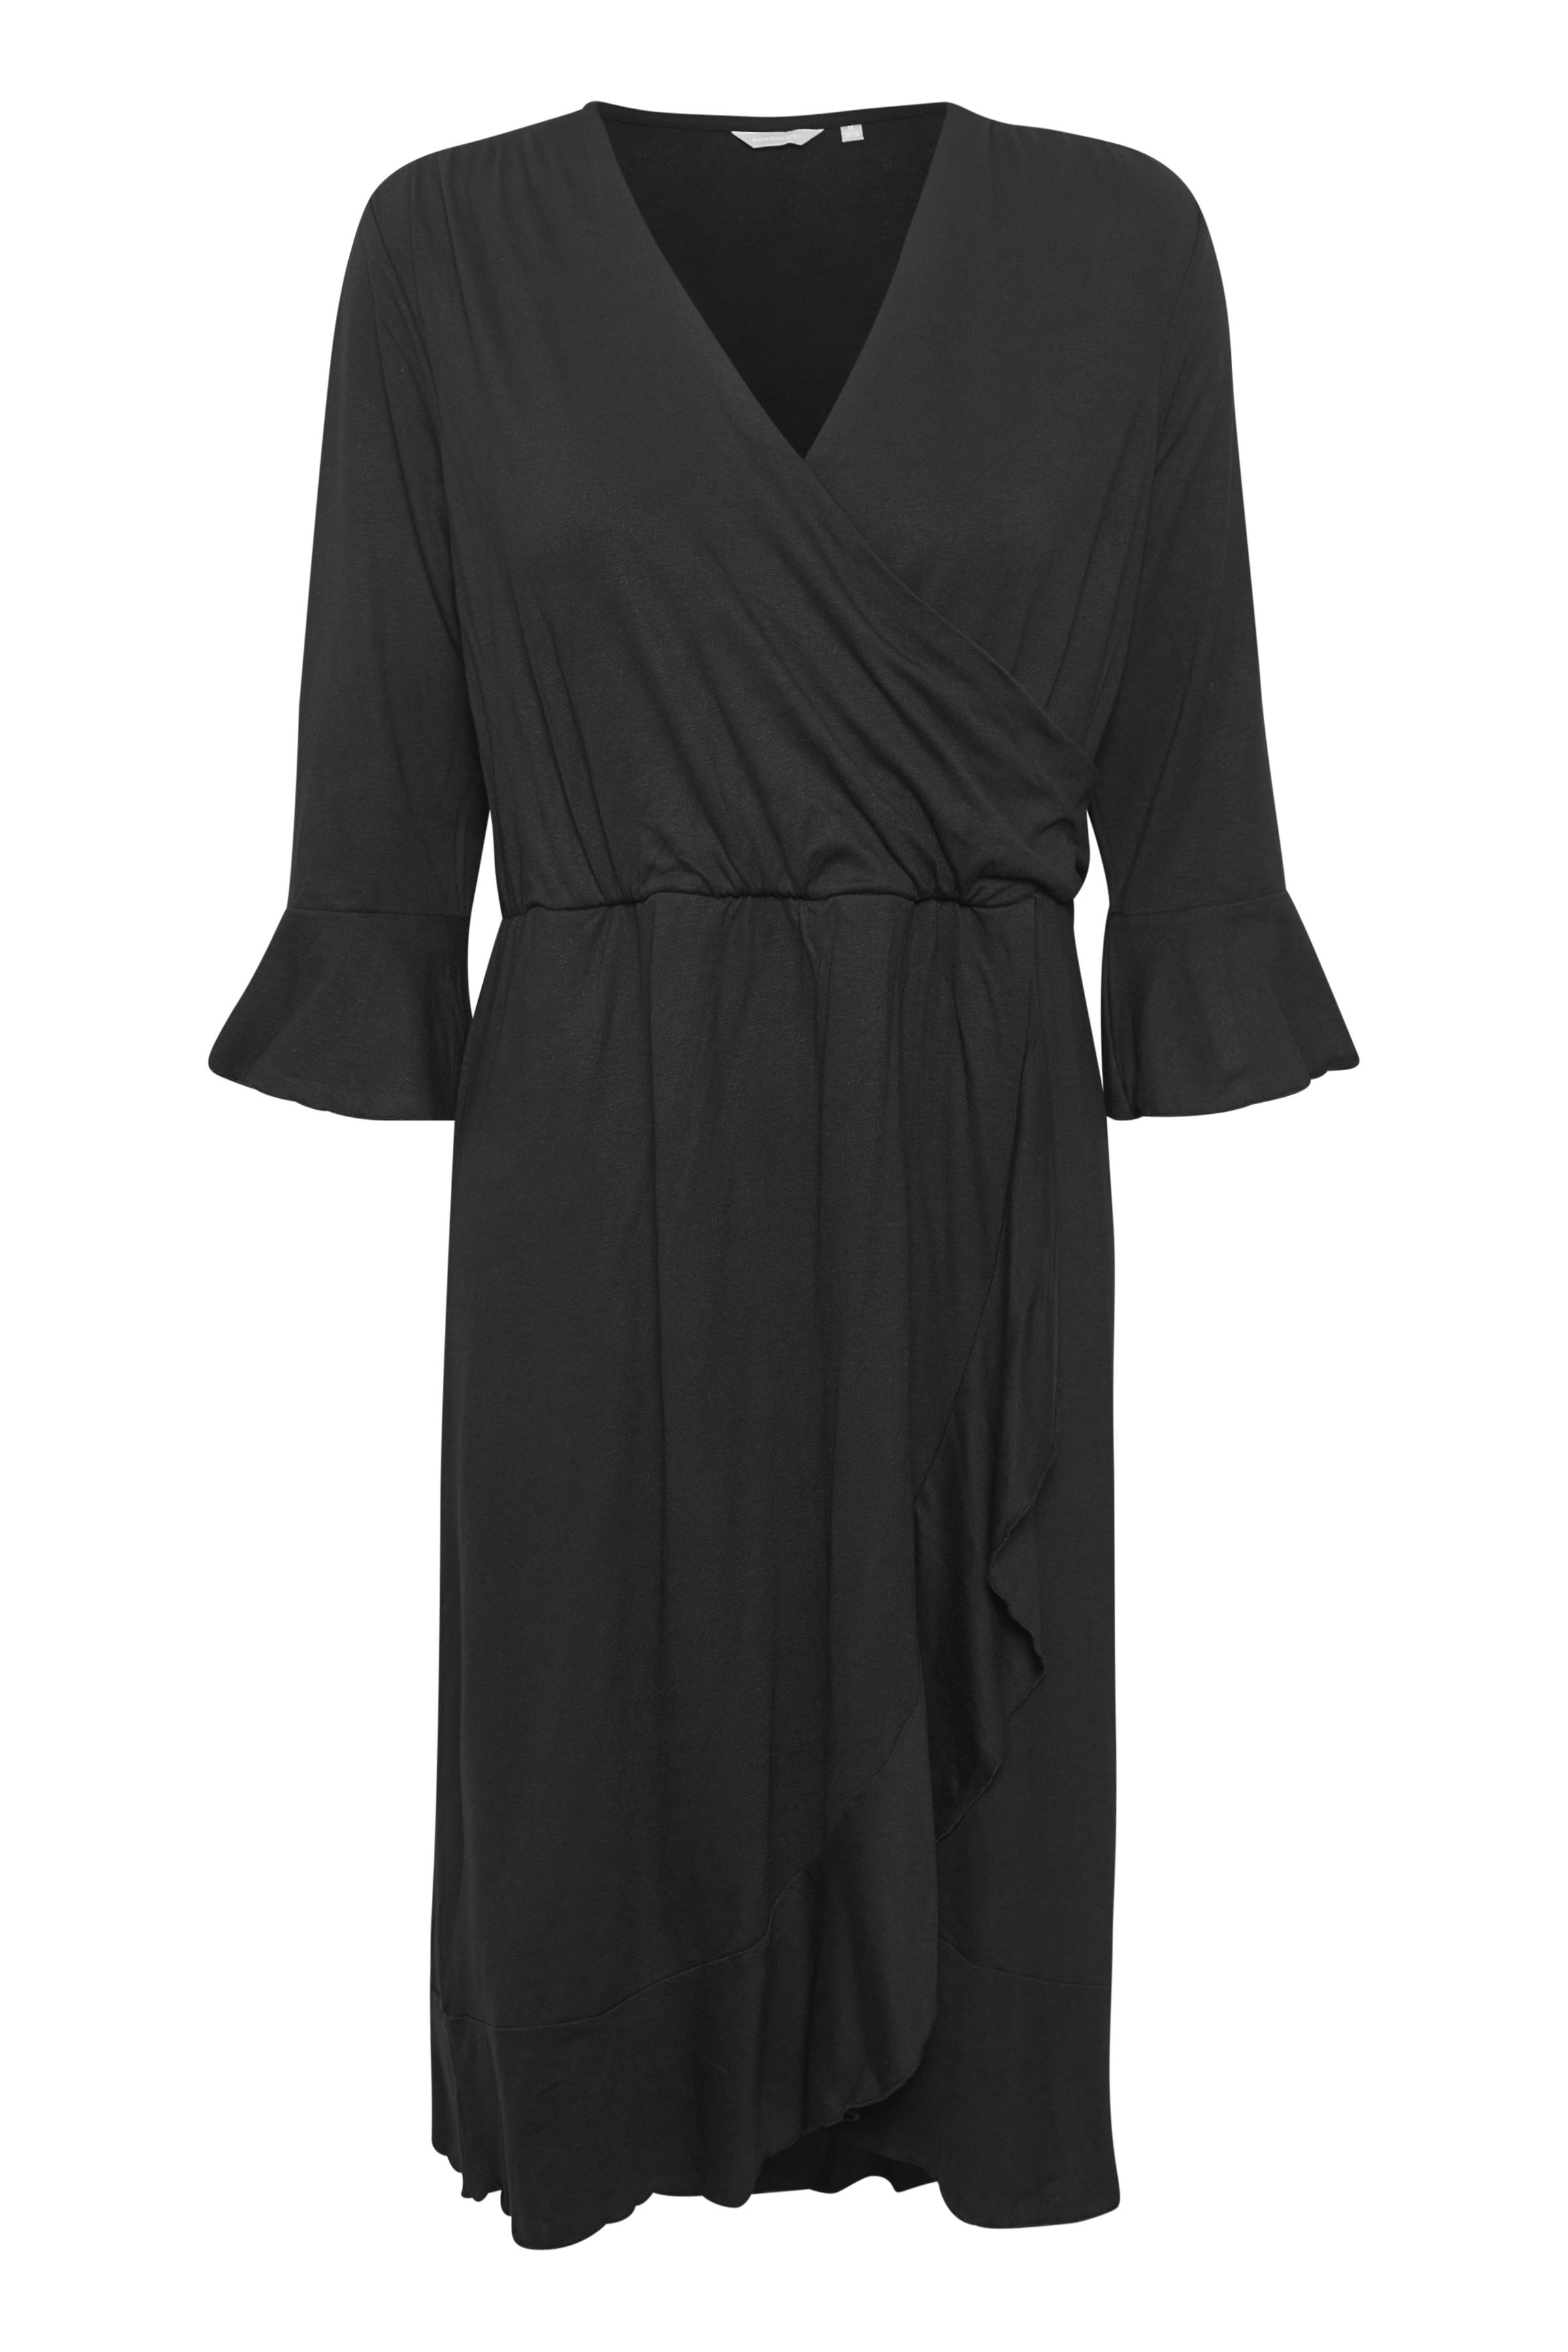 BonA Parte Dame BONA PARTE kjole med V-hals. 3/4-ærmer med flæse. Overskæring i taljen. Flæse forneden. Kjolen - Sort